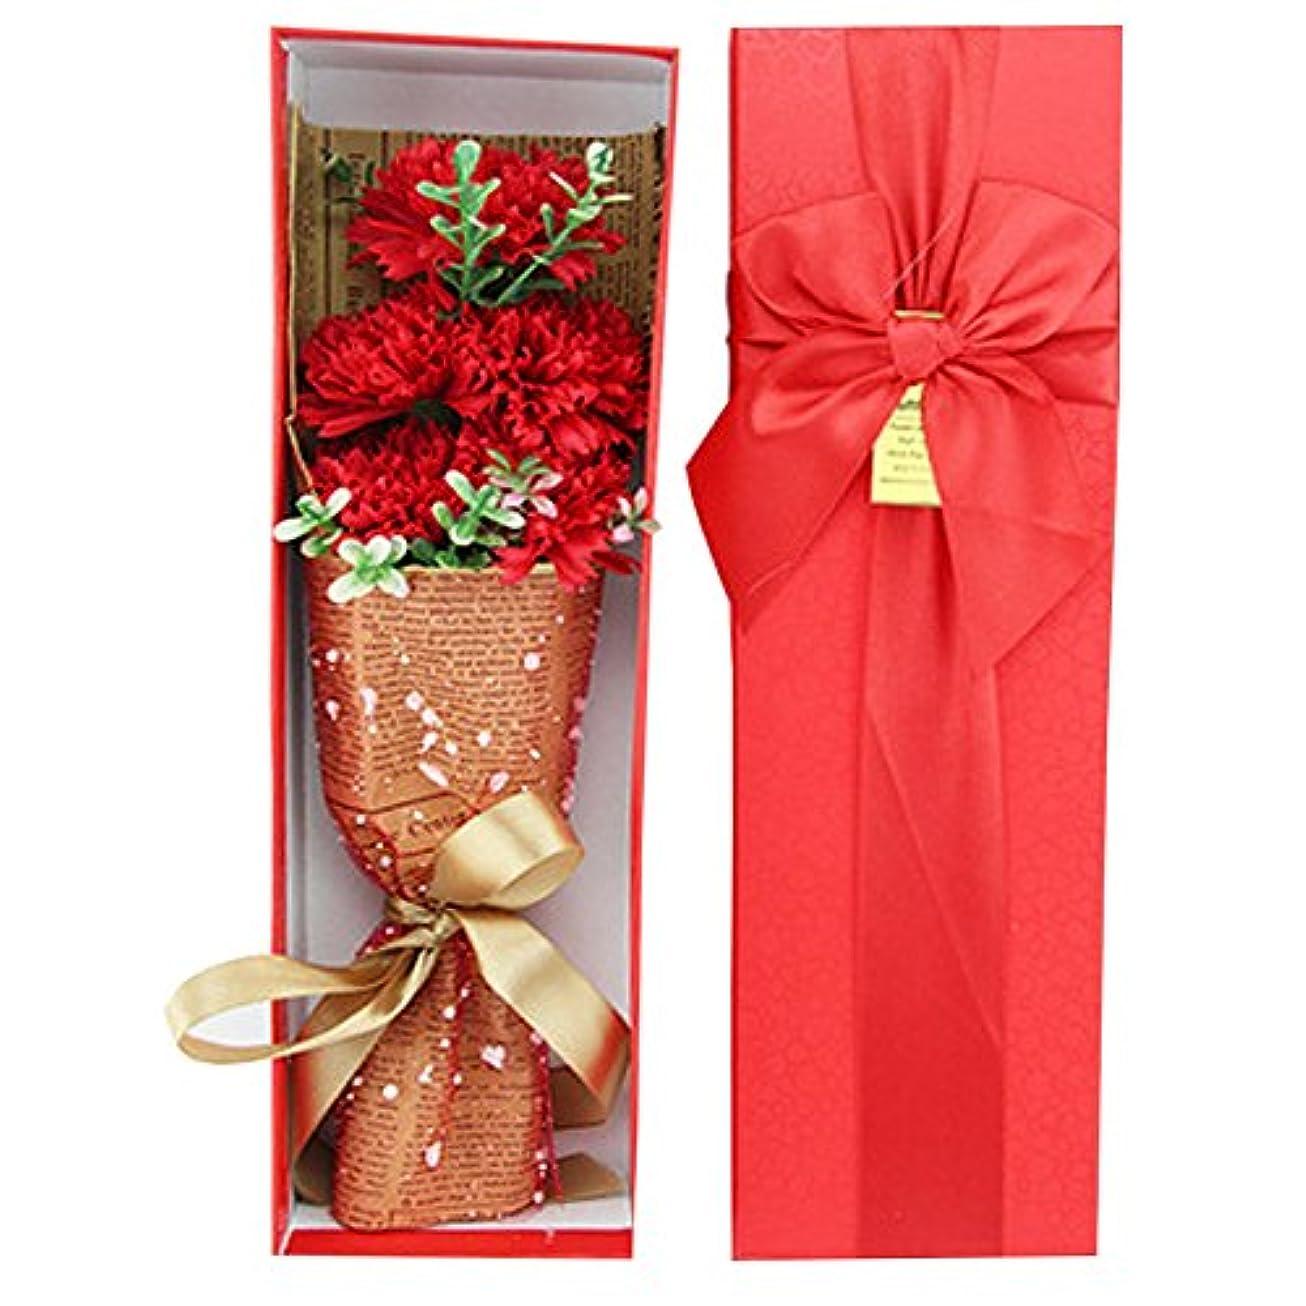 鋭く設計バスルームiCoole ソープフラワー 石鹸花 ハードフラワー形状 ギフトボックス入り 母の日 お誕生日 ギフトなどに最高 (レッド)